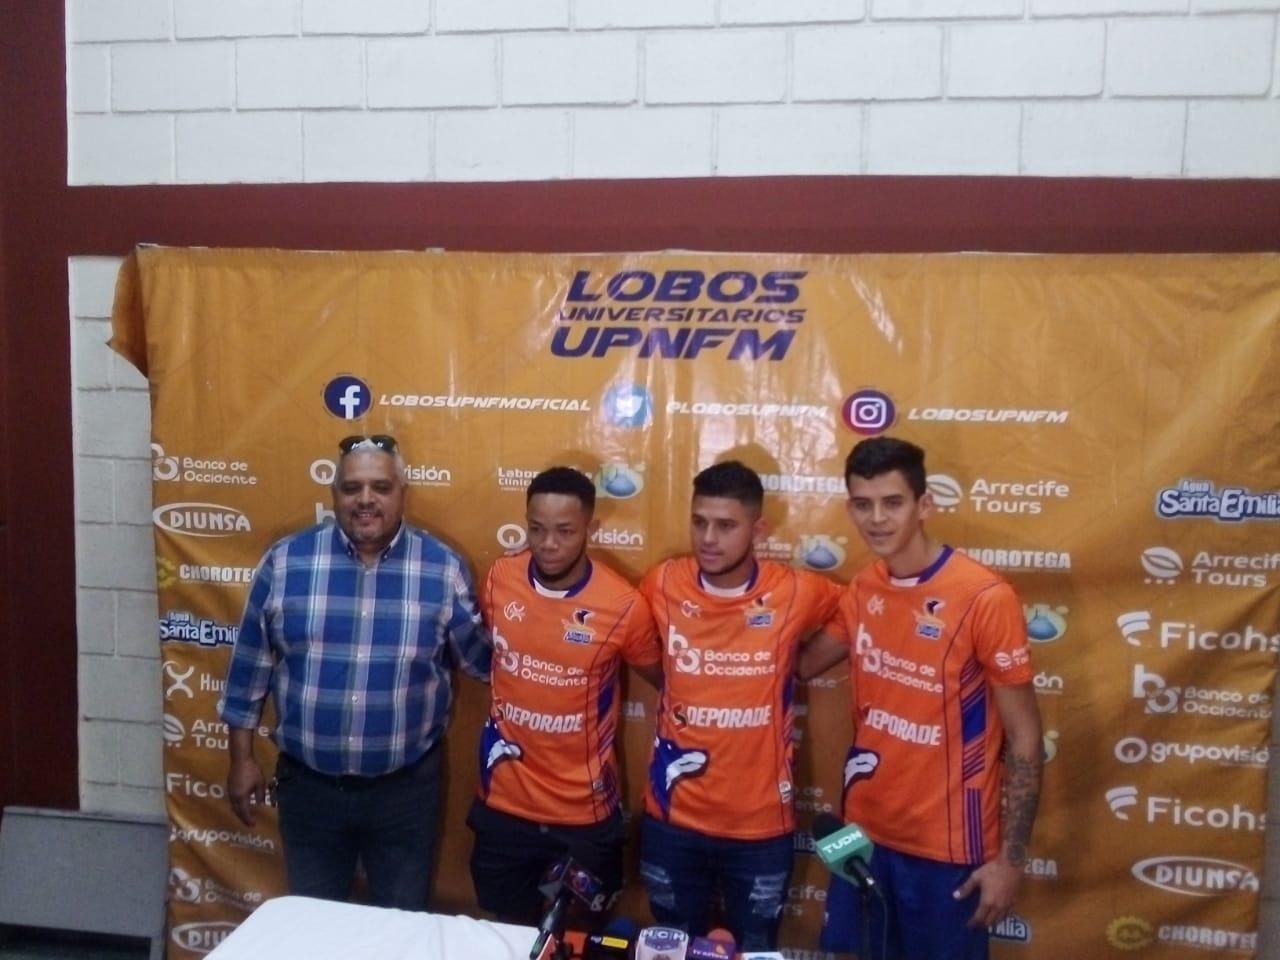 Estos son los tres nuevos integrantes de la manada de los Lobos UPNFM